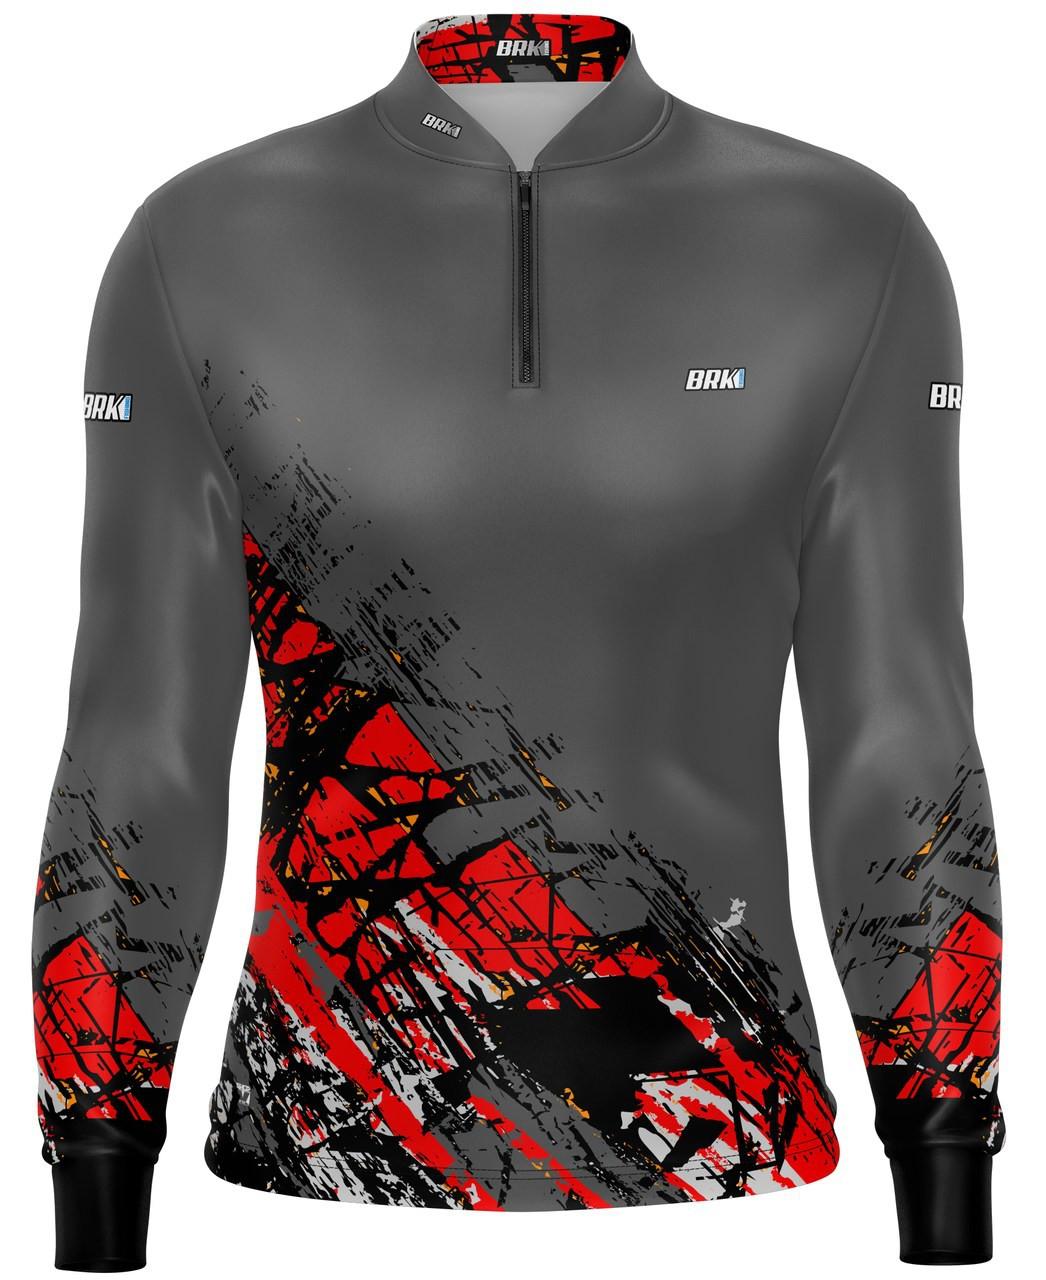 Camisa de Pesca Brk Graphic Cinza com Fps 50+